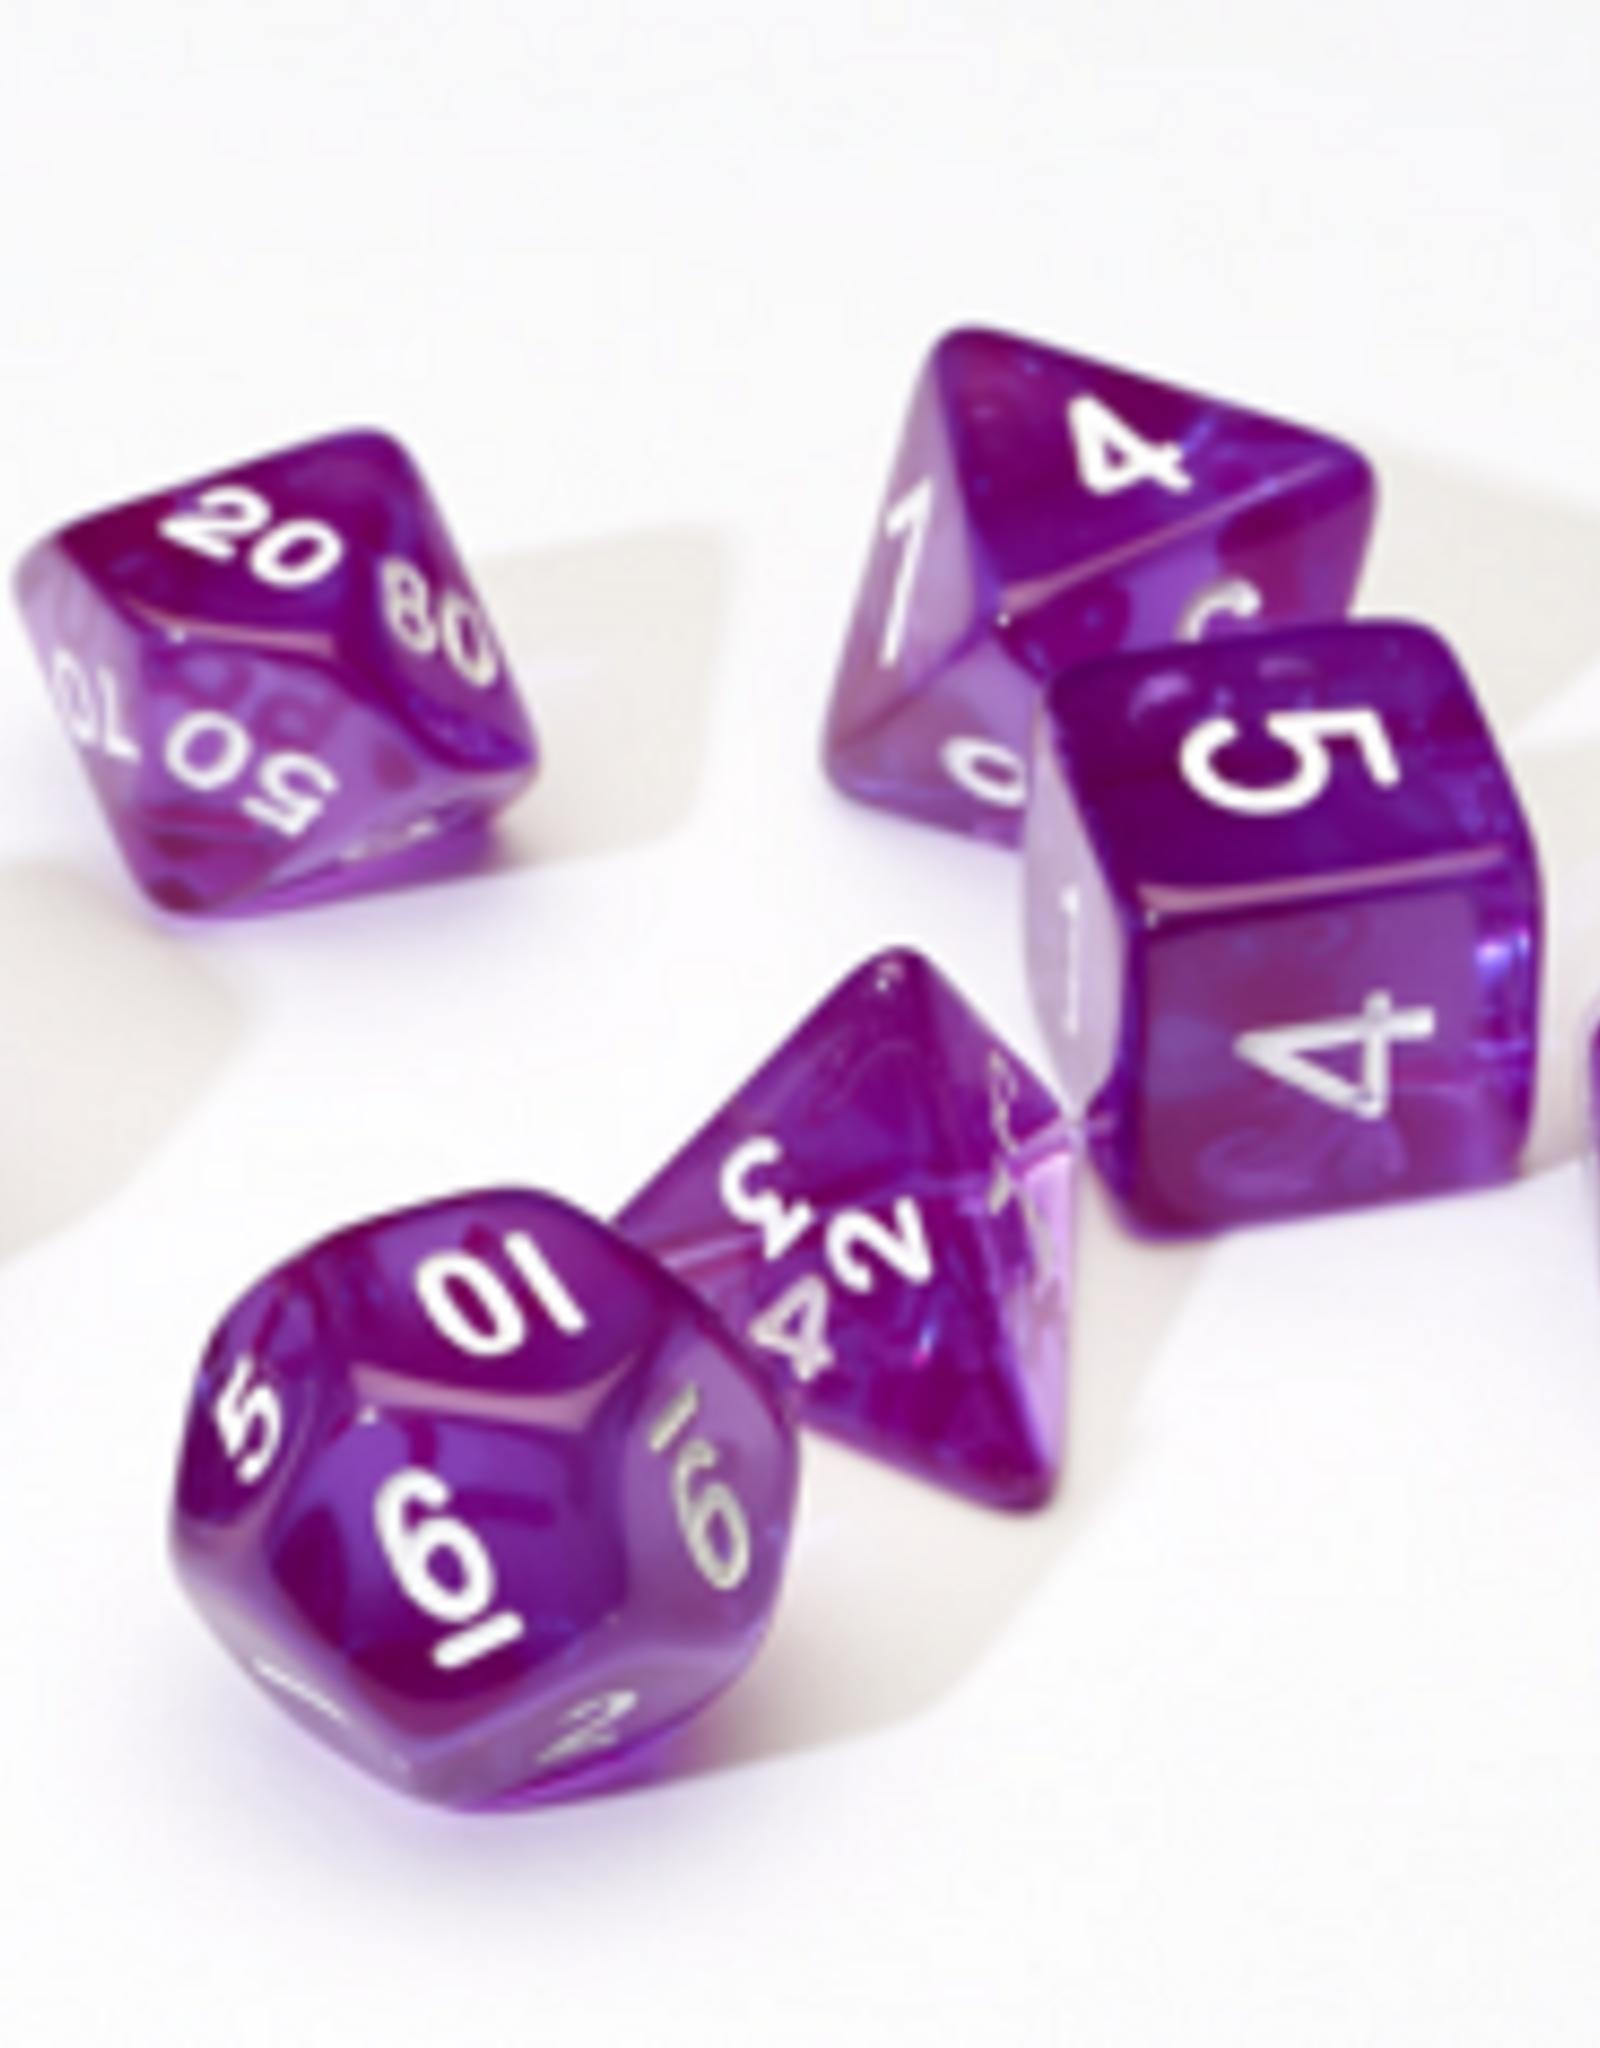 Sirius Dice Dice Block 7ct. - Trans Purple